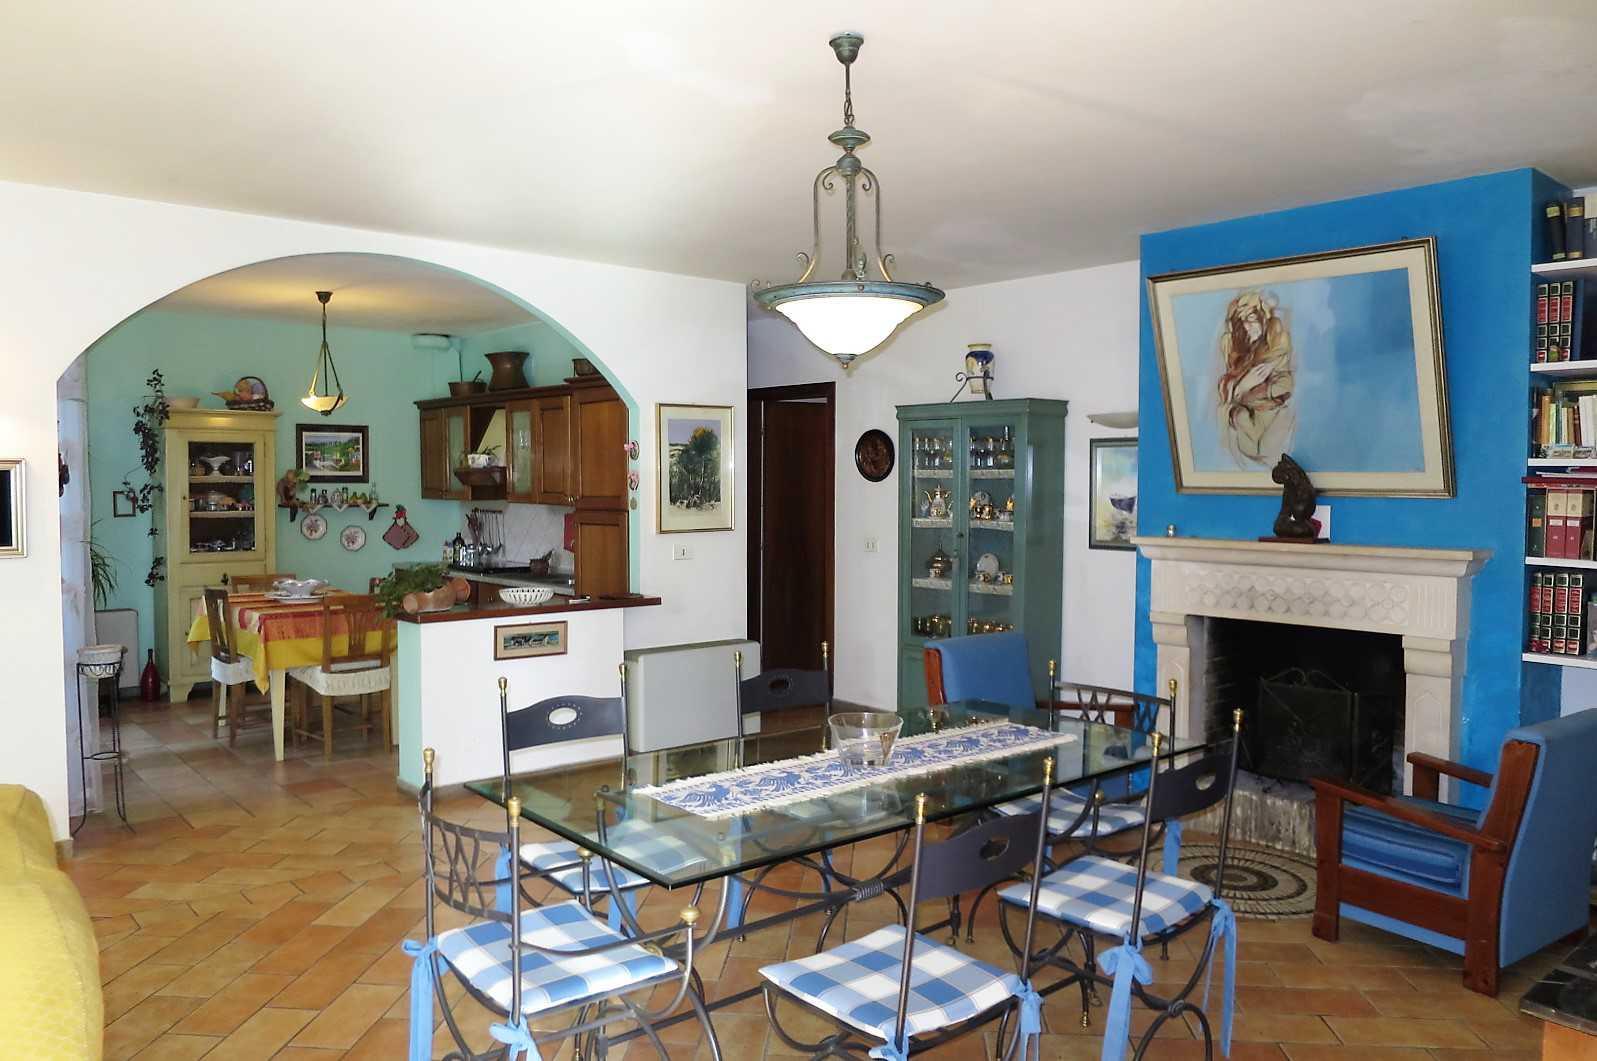 Villa Villa for sale Atri (TE), Villa Paola - Atri - EUR 462.107 100